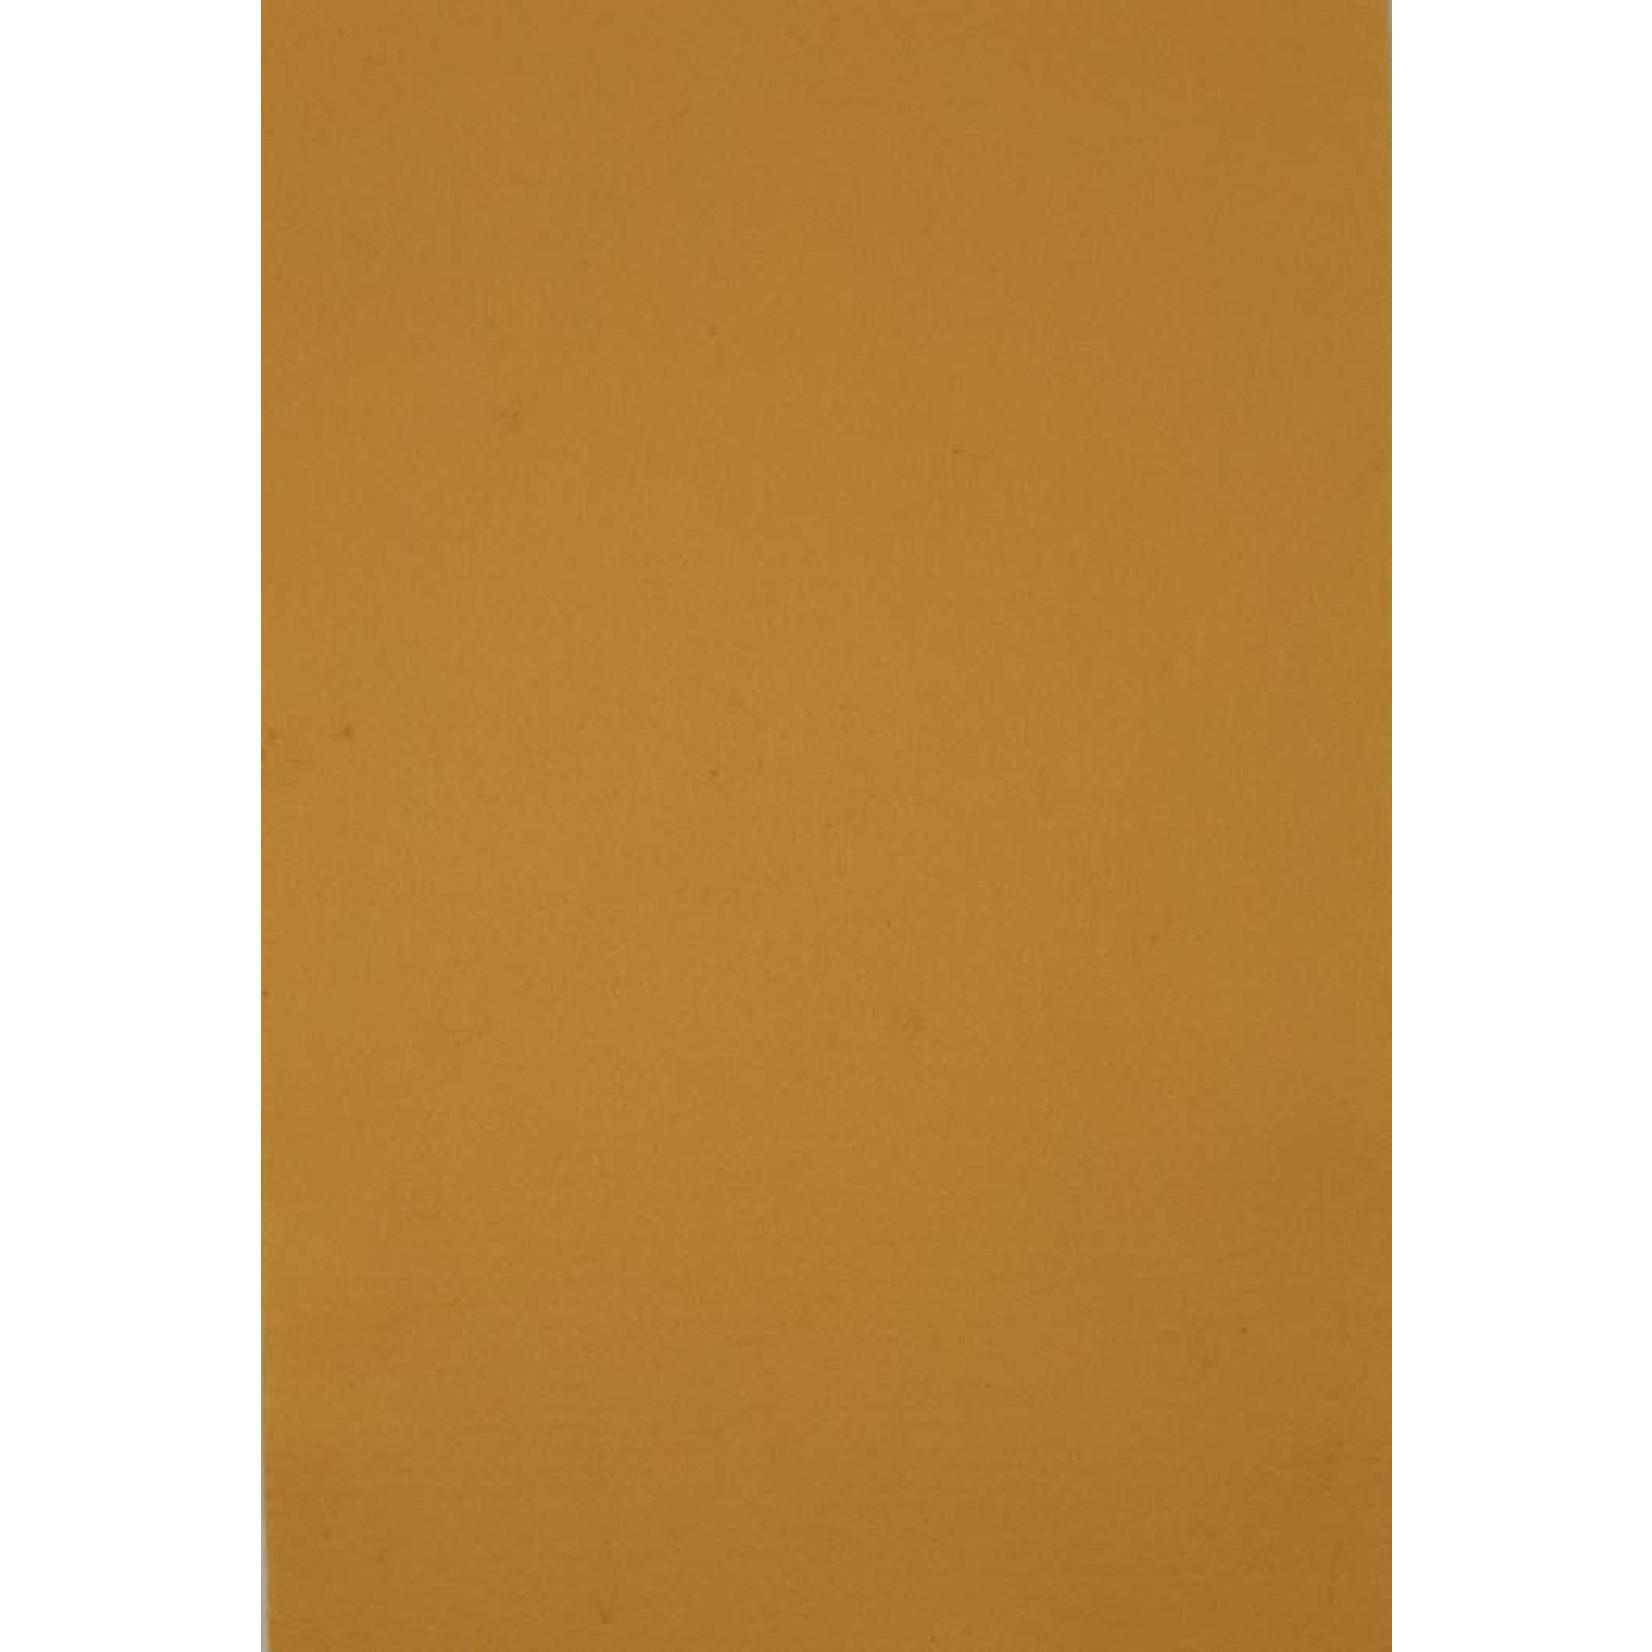 HollandFelt Wolvilt - lapje 20 x 30 cm. - kleur 10 - Pastelgeel - zuiver scheerwol- 1 mm. dik